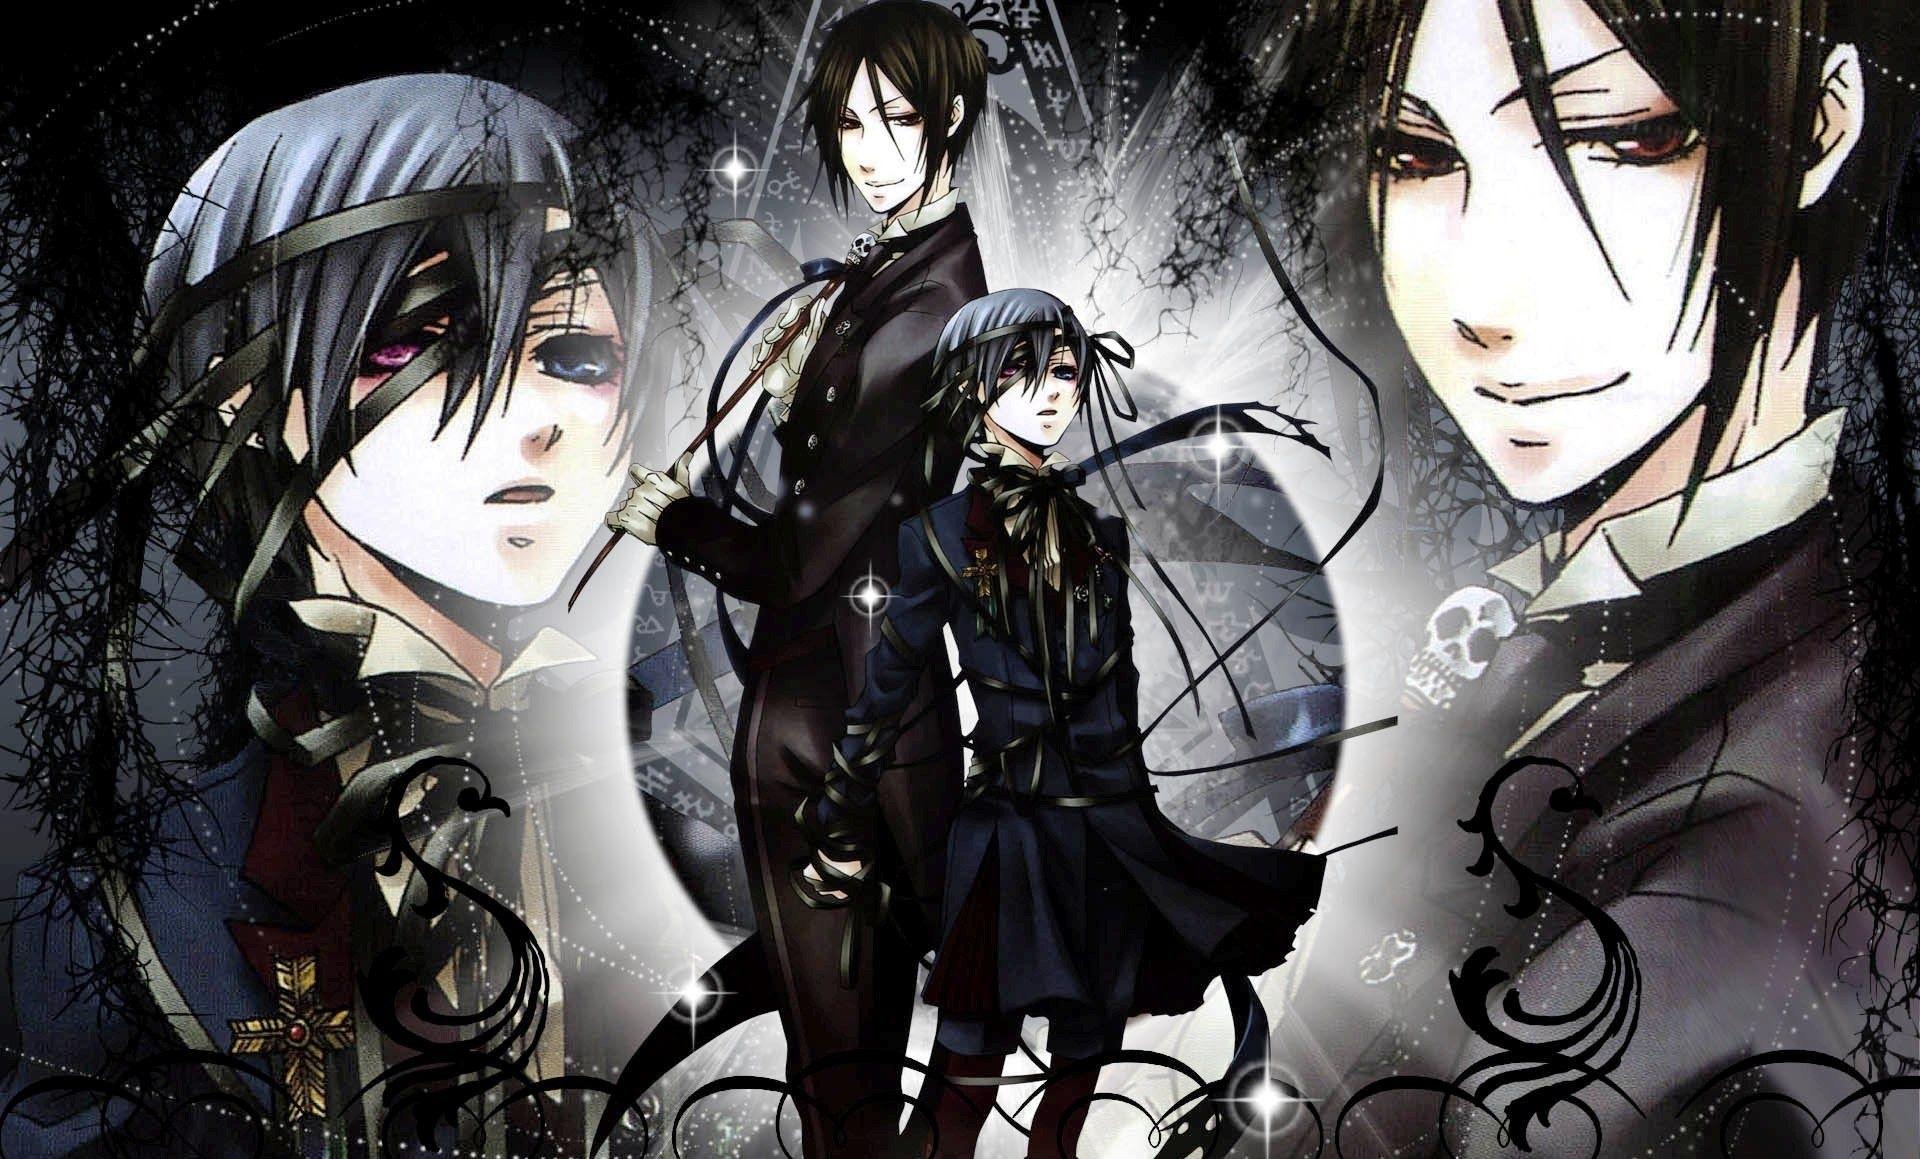 anime black butler wallpapers - wallpaper.wiki